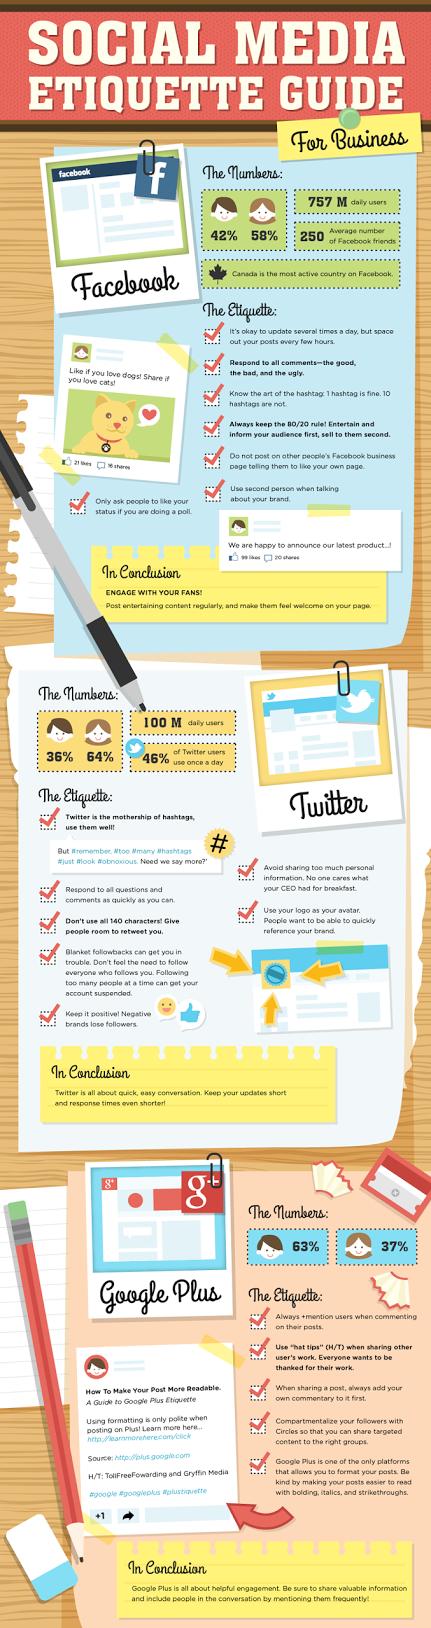 Interesting tips...Social Media Etiquette guide